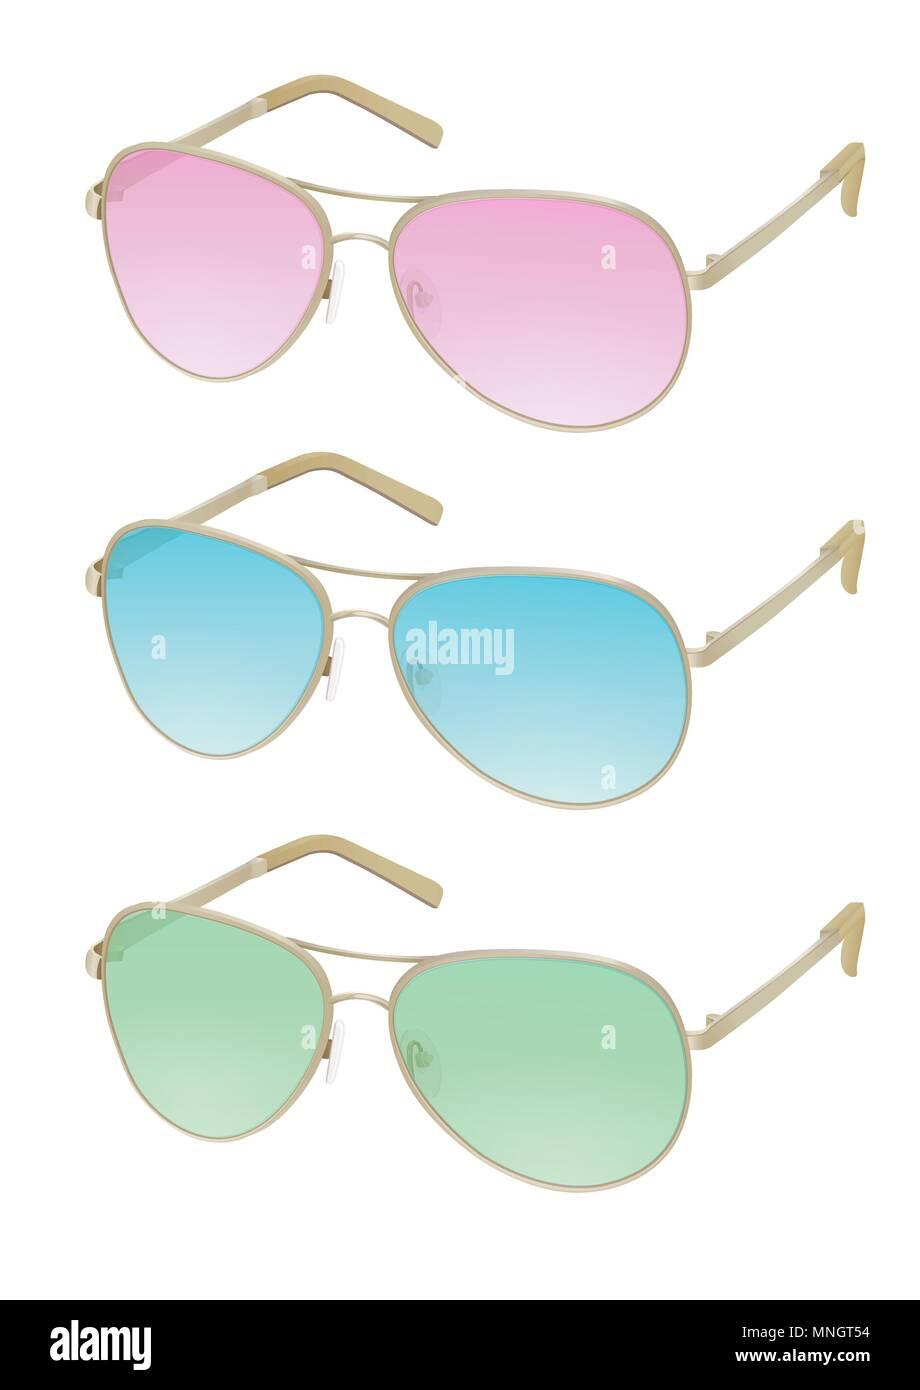 a20f2850803557 Lunettes colorées, vector illustration réaliste. Lunettes fashion élégant  avec rose, bleu, vert de l écran solaire et lentilles lunettes rim or fer  élégant, ...